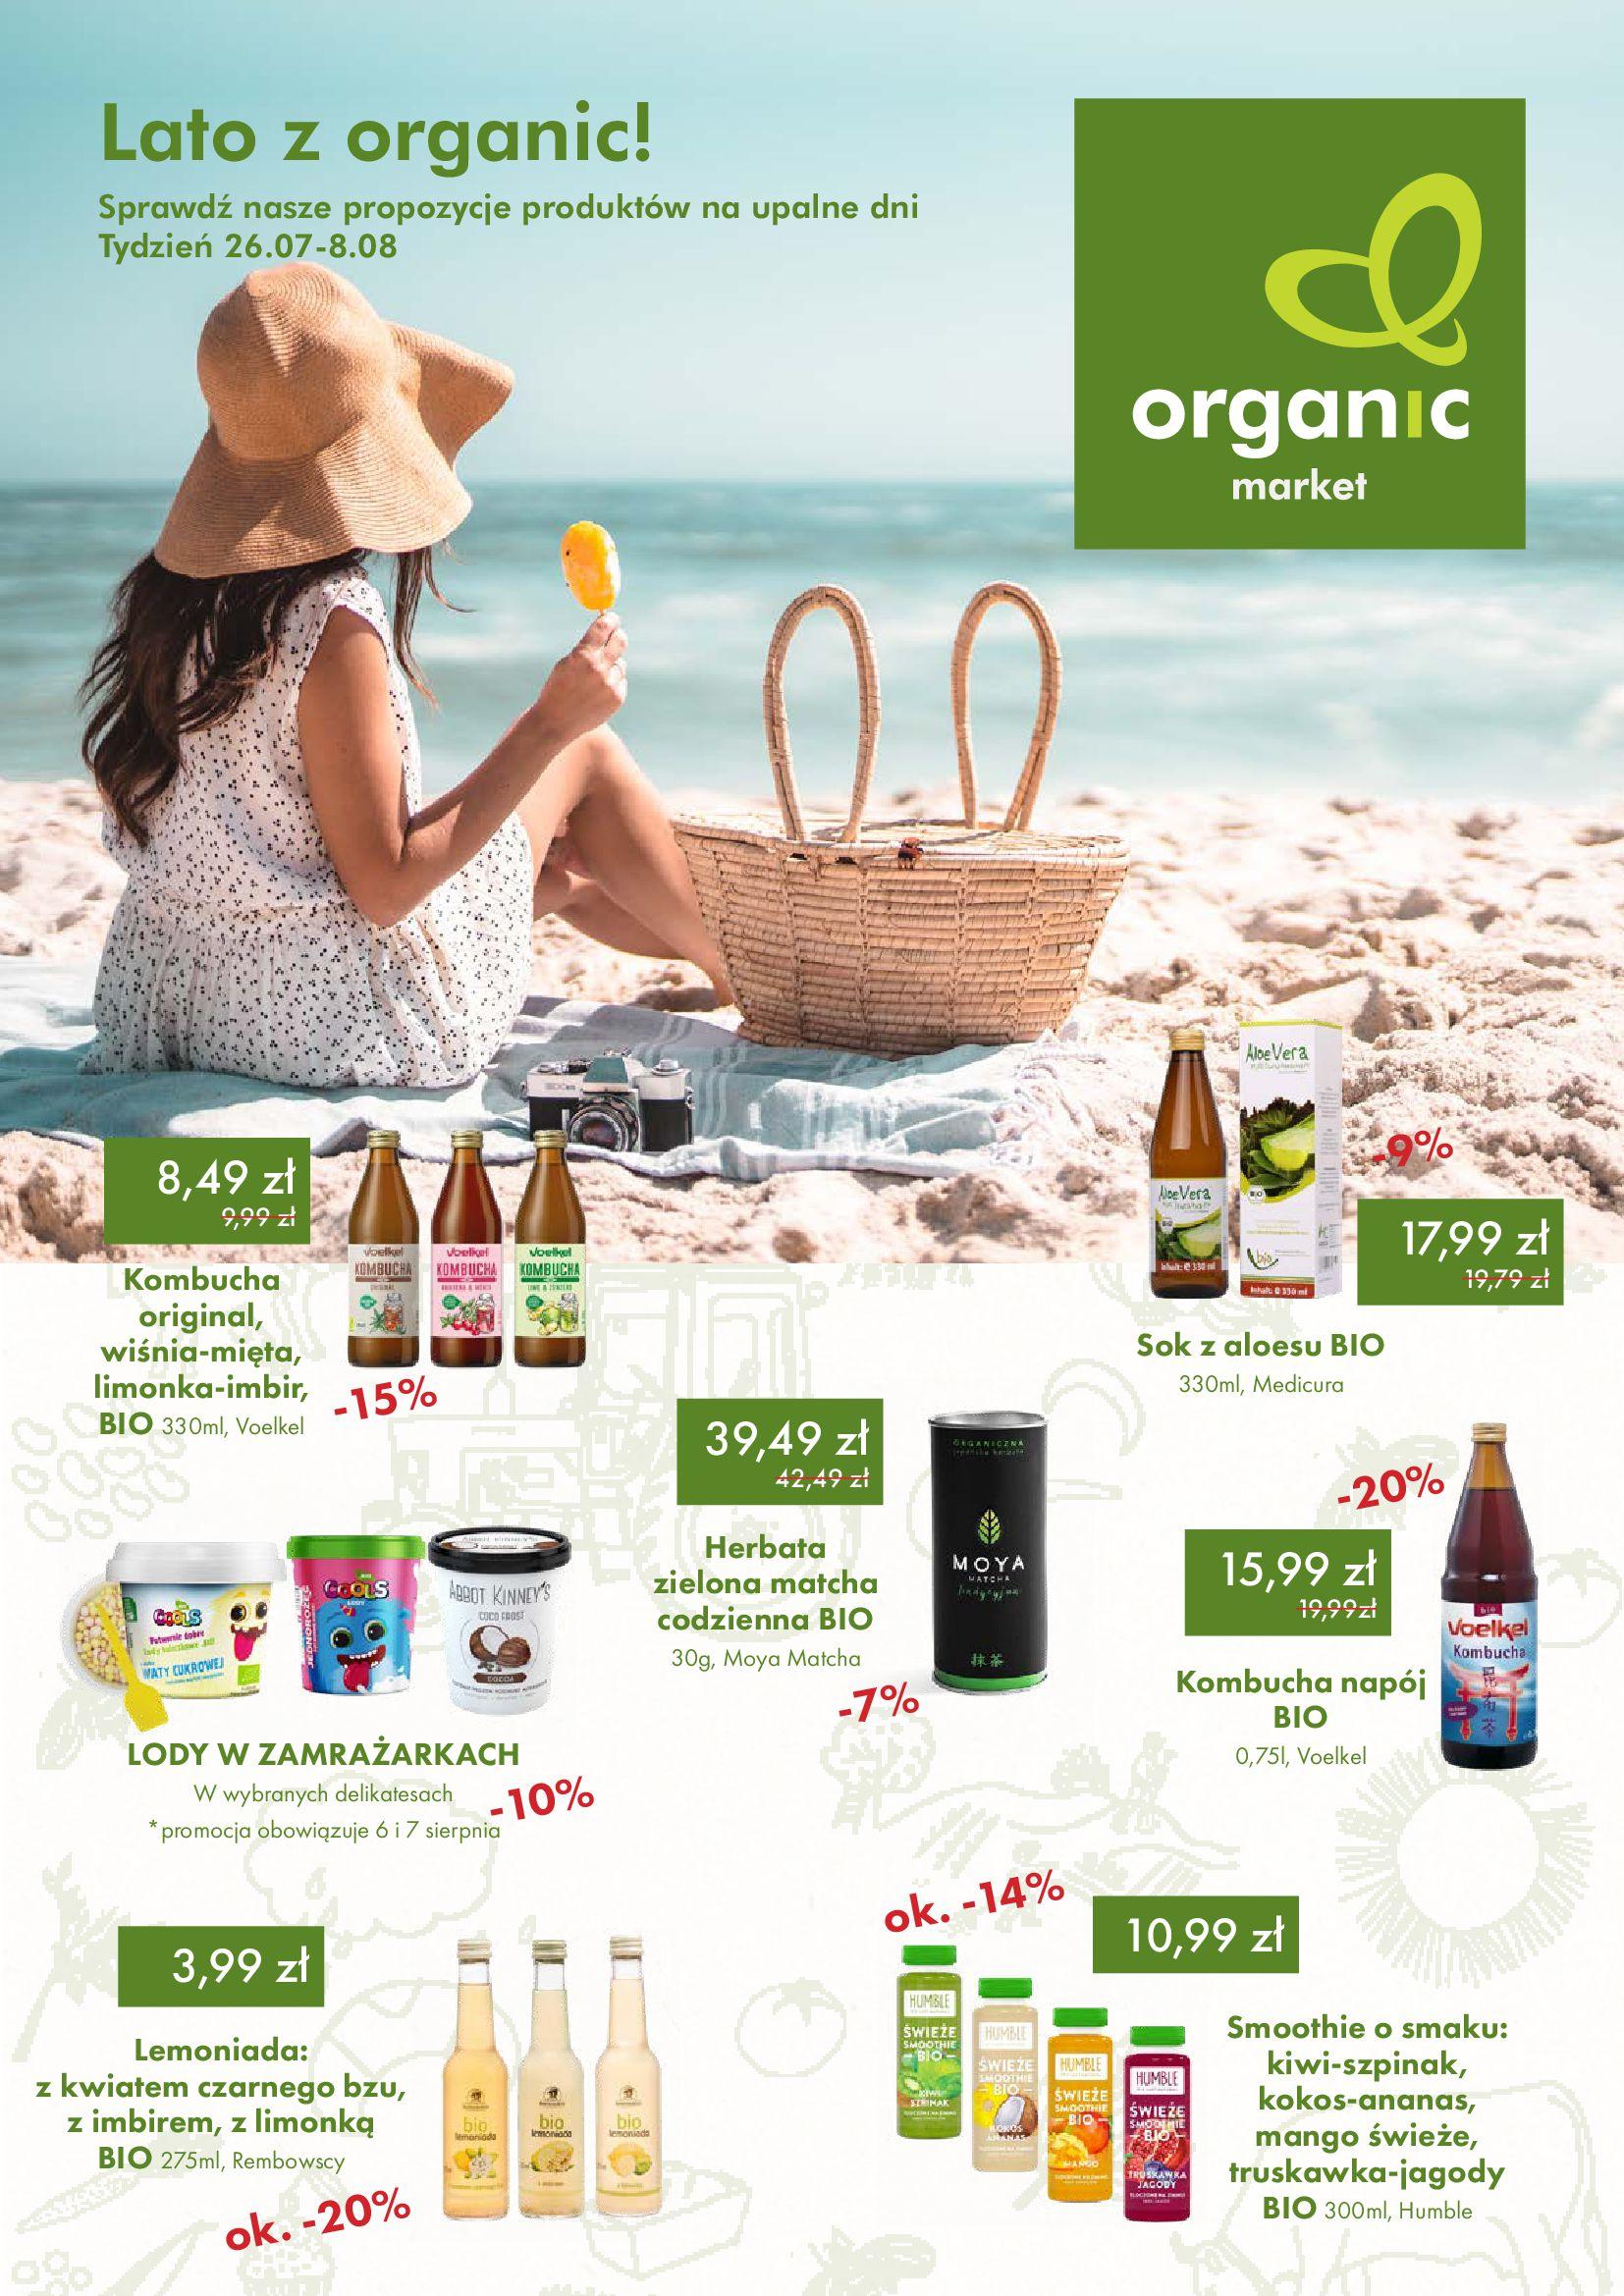 Organic Farma Zdrowia:  Gazetka Organic Farma Zdrowia 25.07.2021